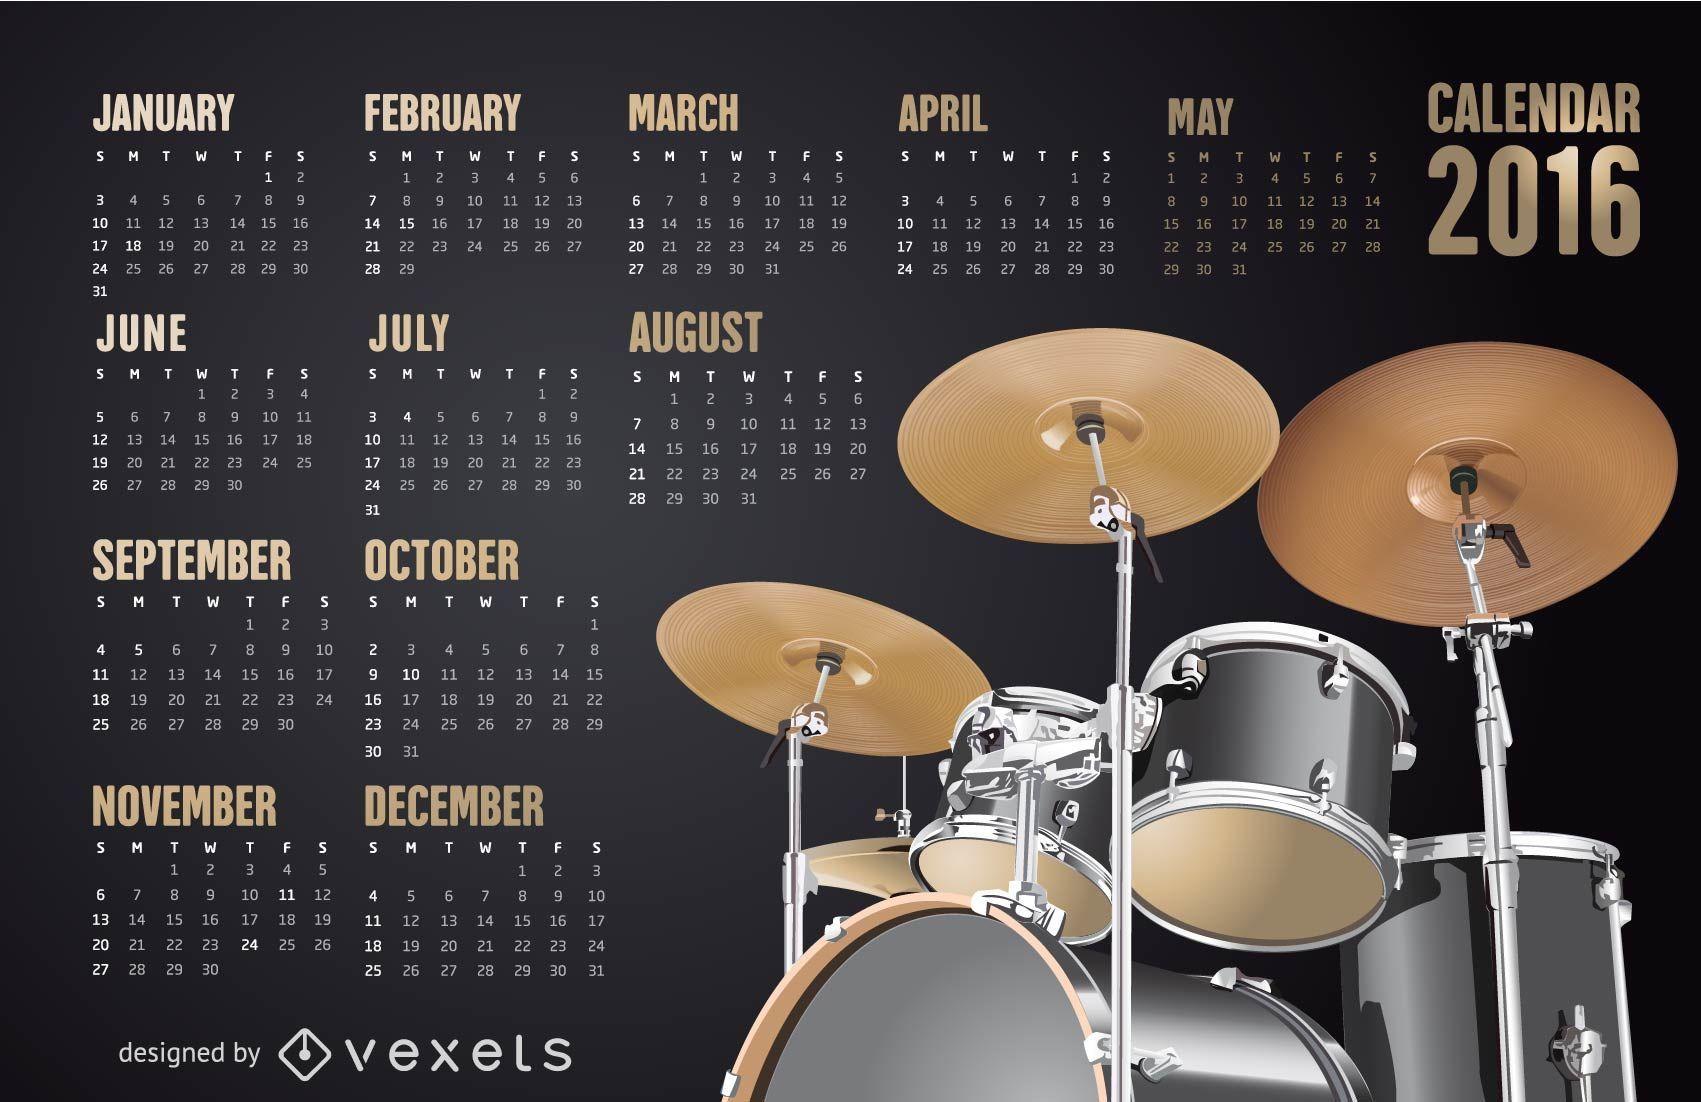 Calendario de bater?a 2016